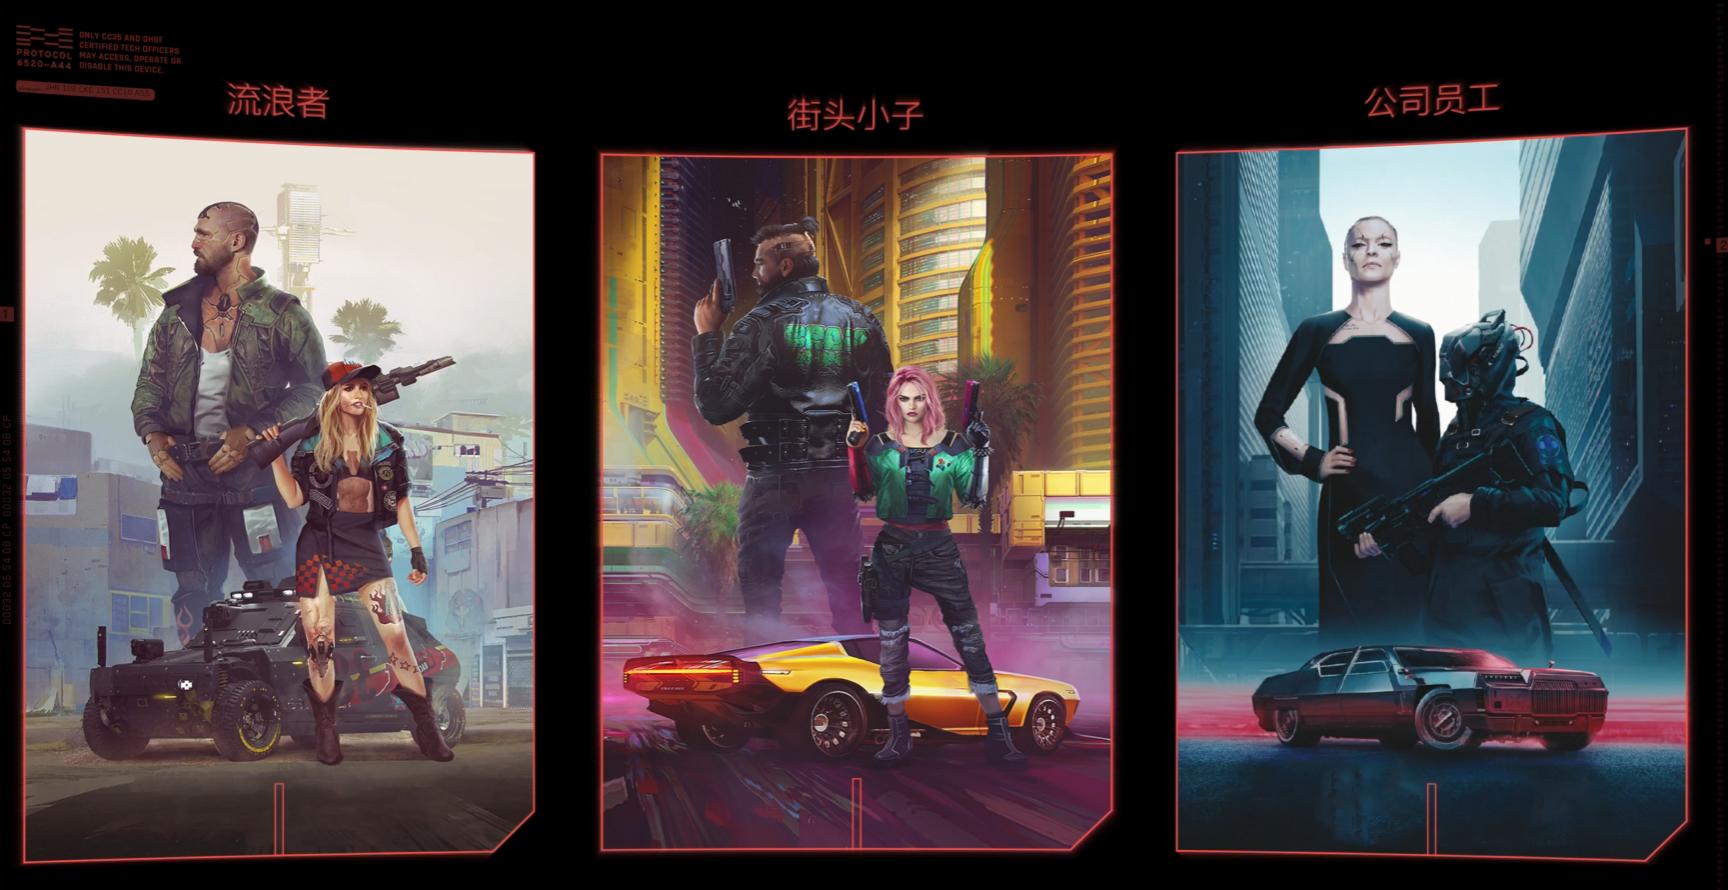 开玩《赛博朋克 2077》前,可以先了解这些信息